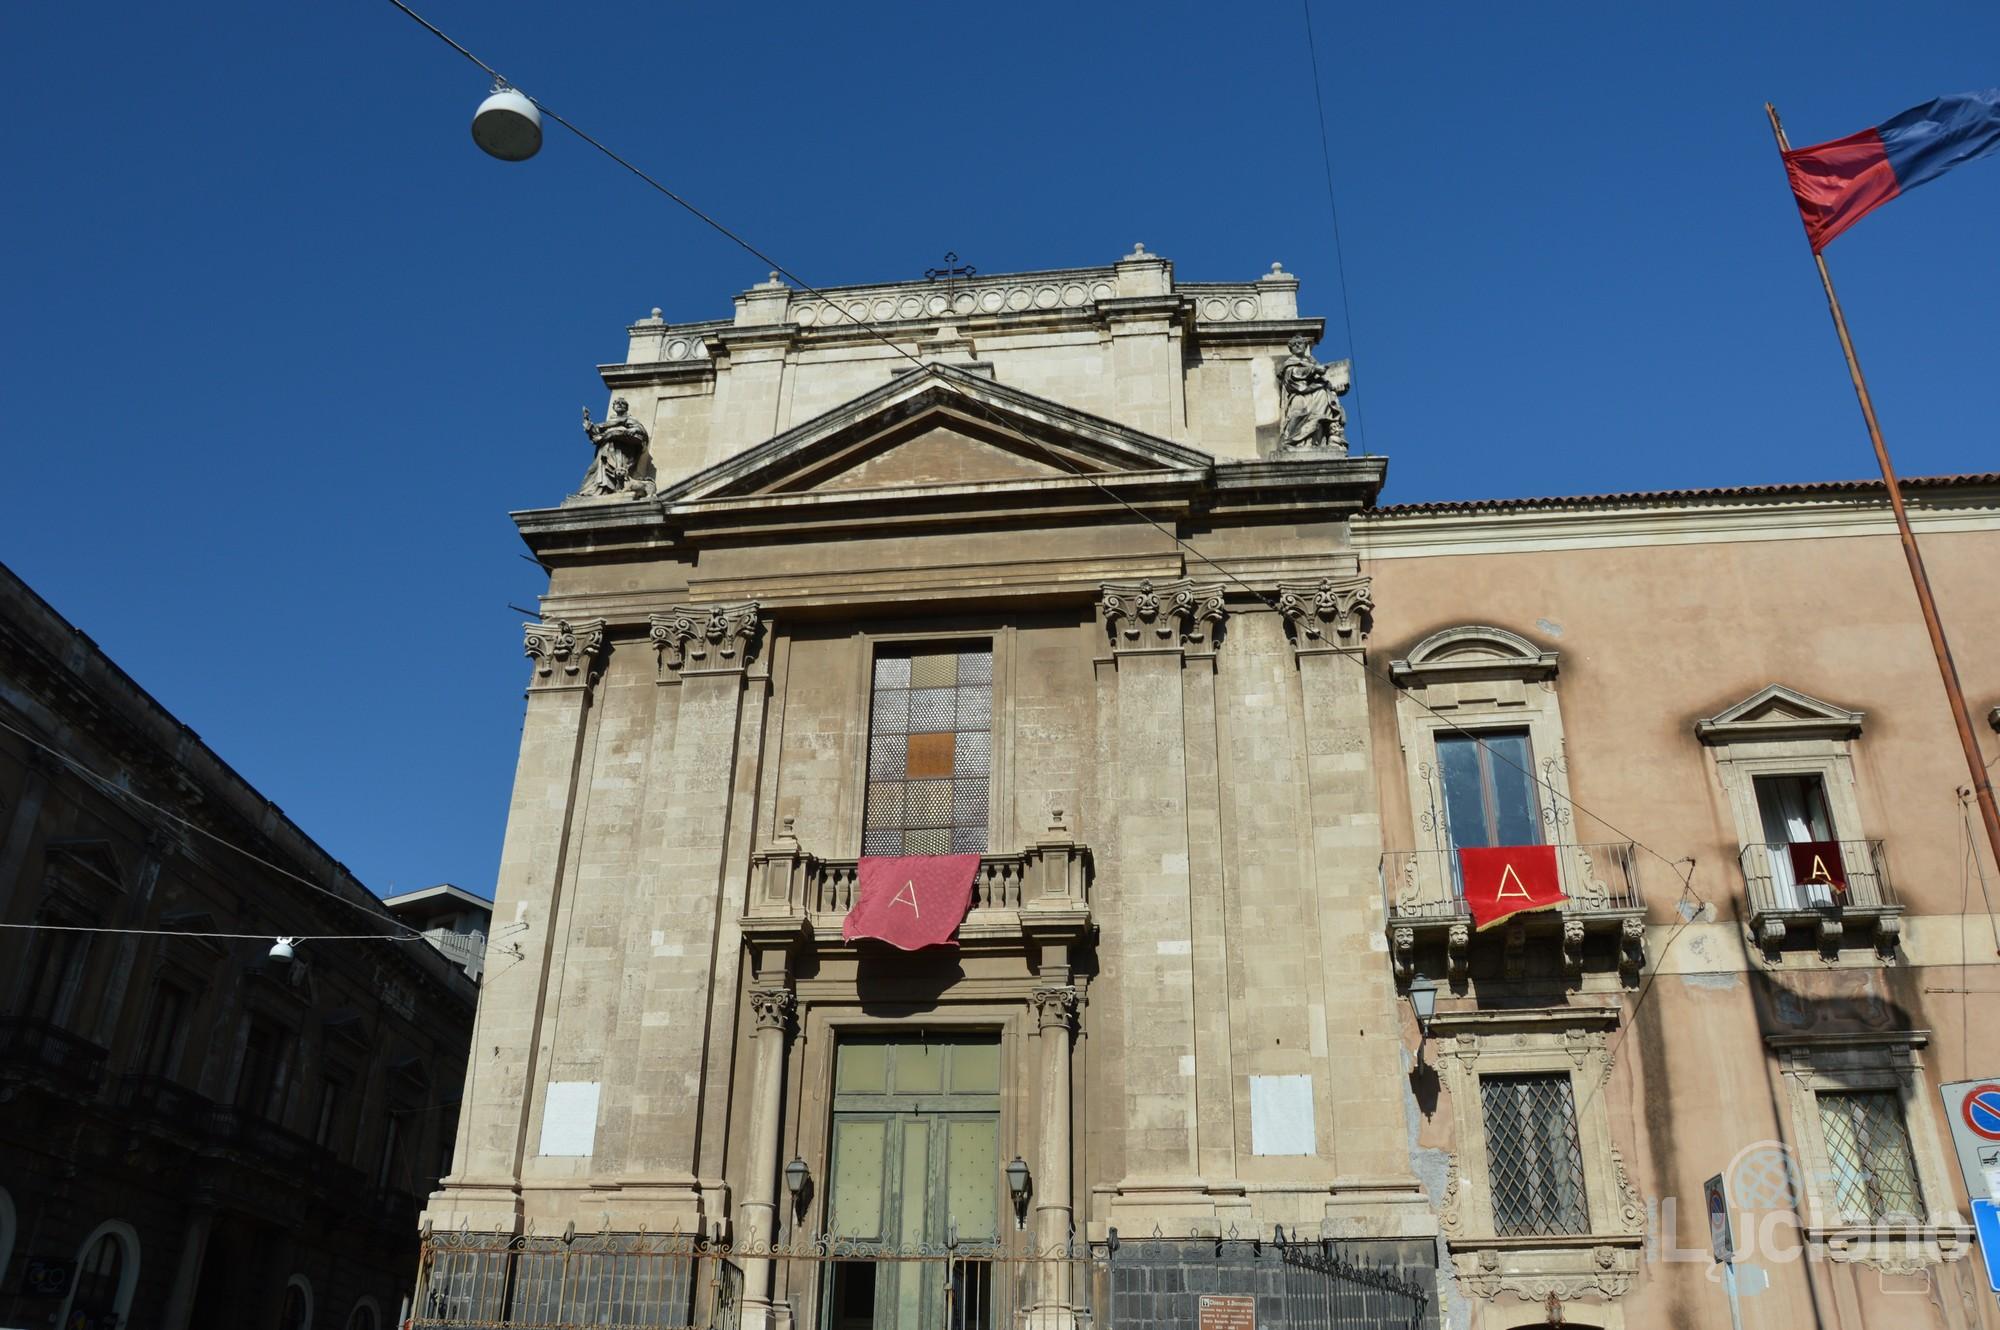 Chiesa San Domenico, durante i festeggiamenti per Sant'Agata 2019 - Catania (CT)